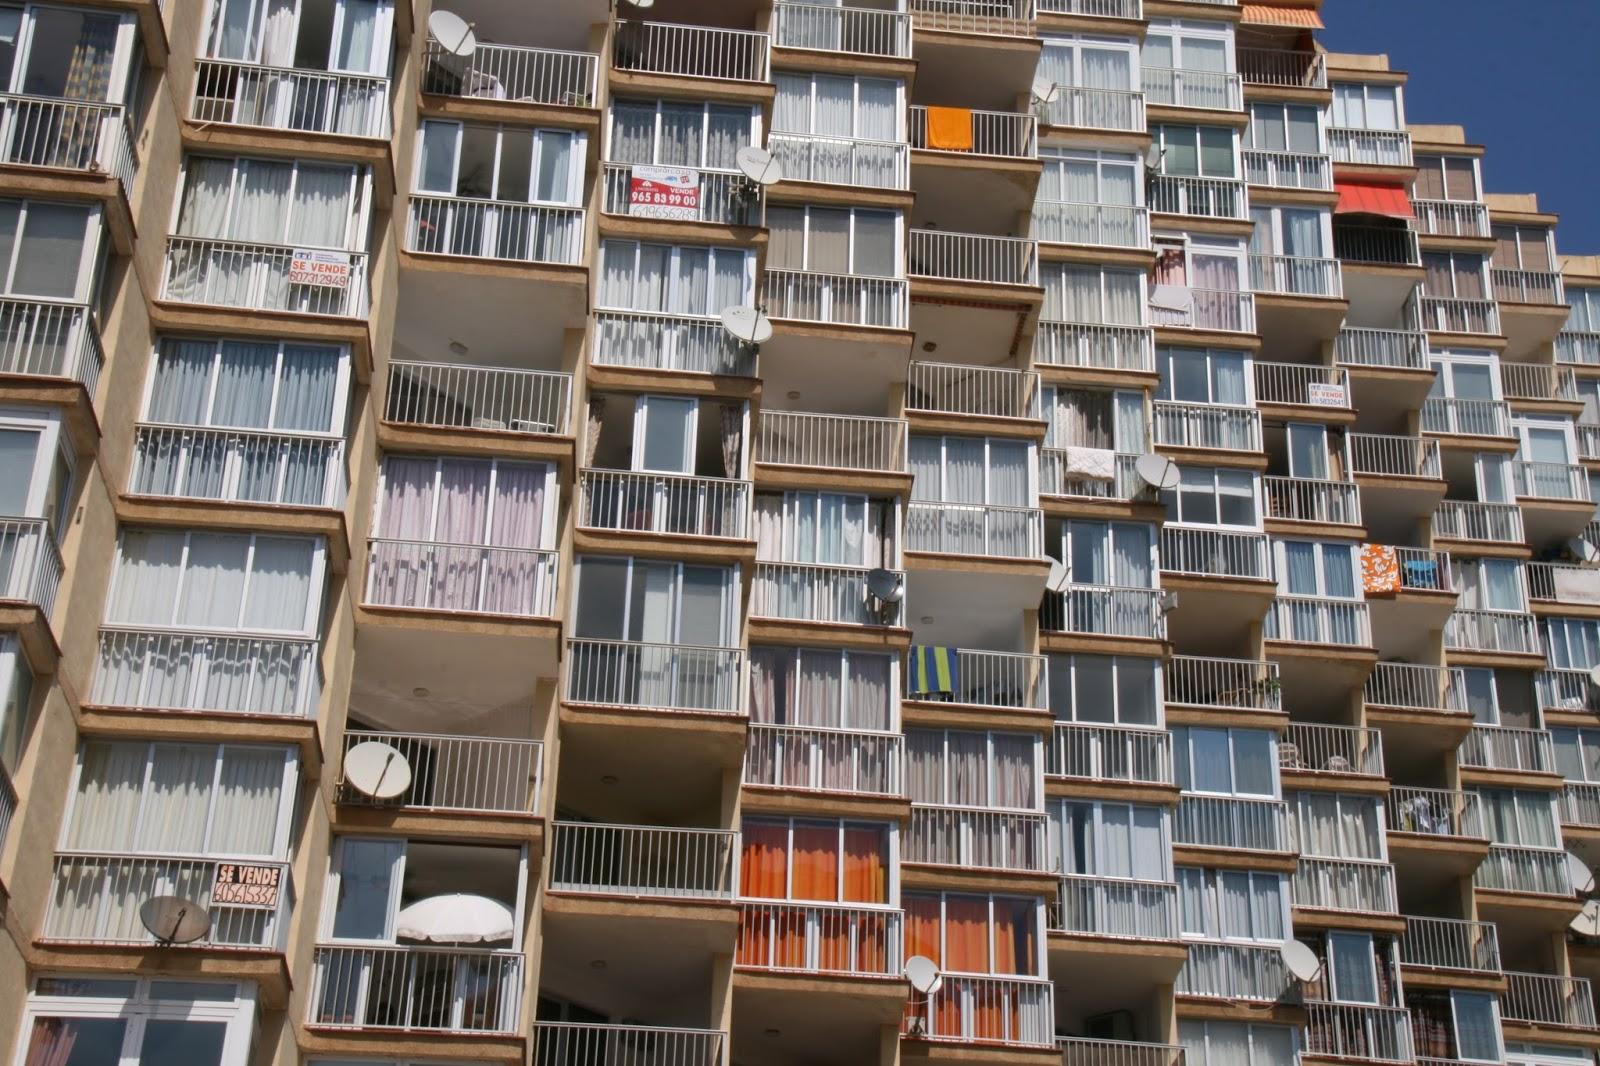 quieres usar el espacio de la terraza para agrandar tu piso ests pensando cerrar tu terraza muchas personas se plantean cerrar sus balcones para ganar with